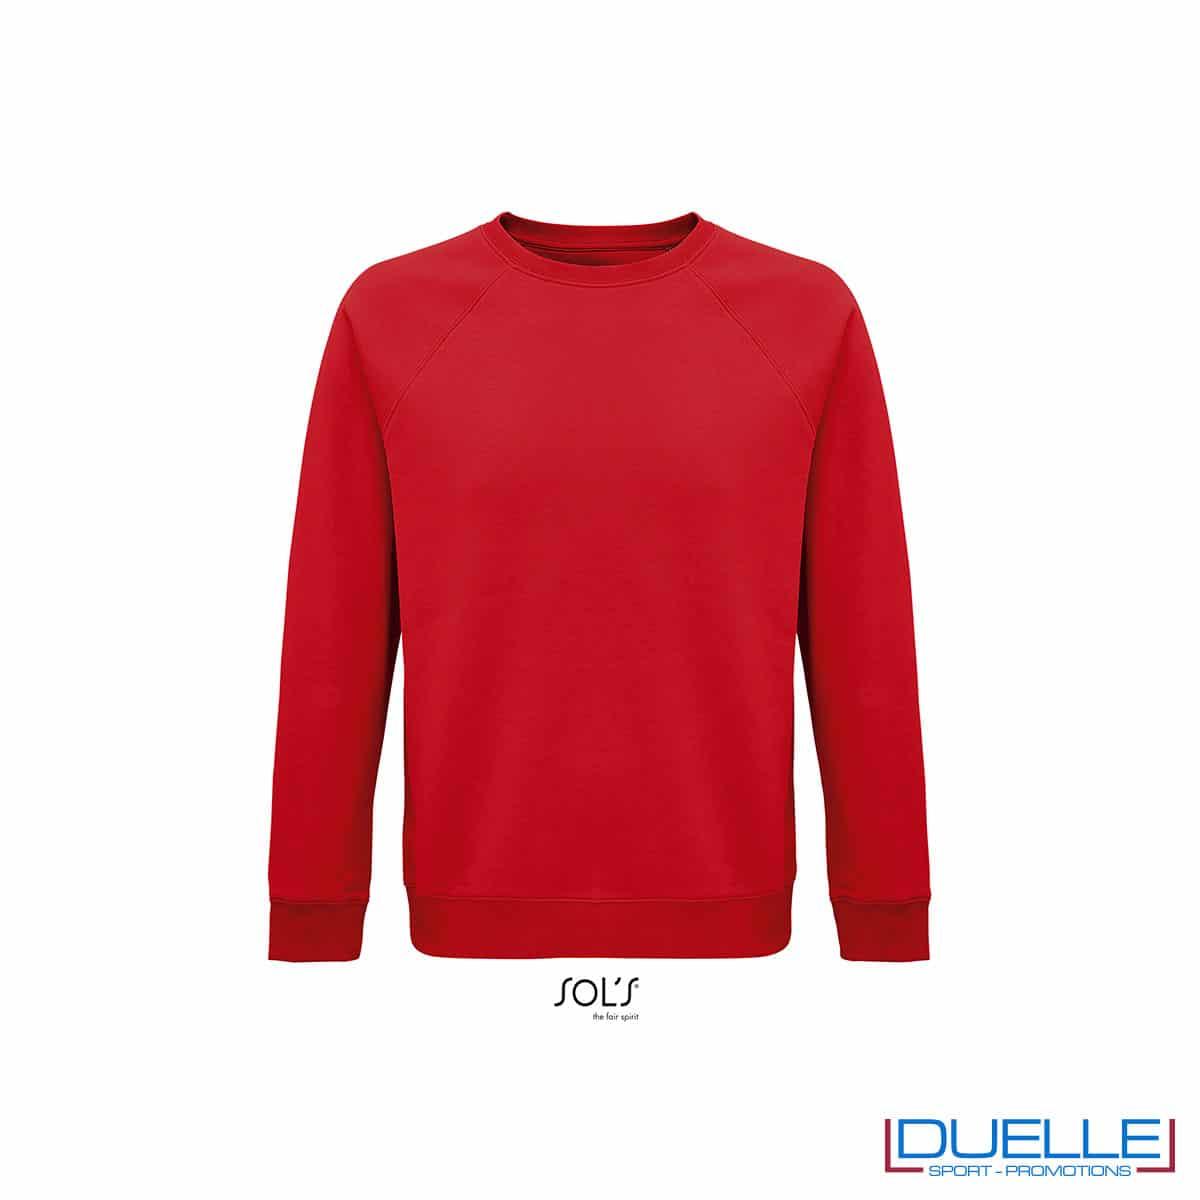 Felpa girocollo in cotone biologico colore rosso personalizzata